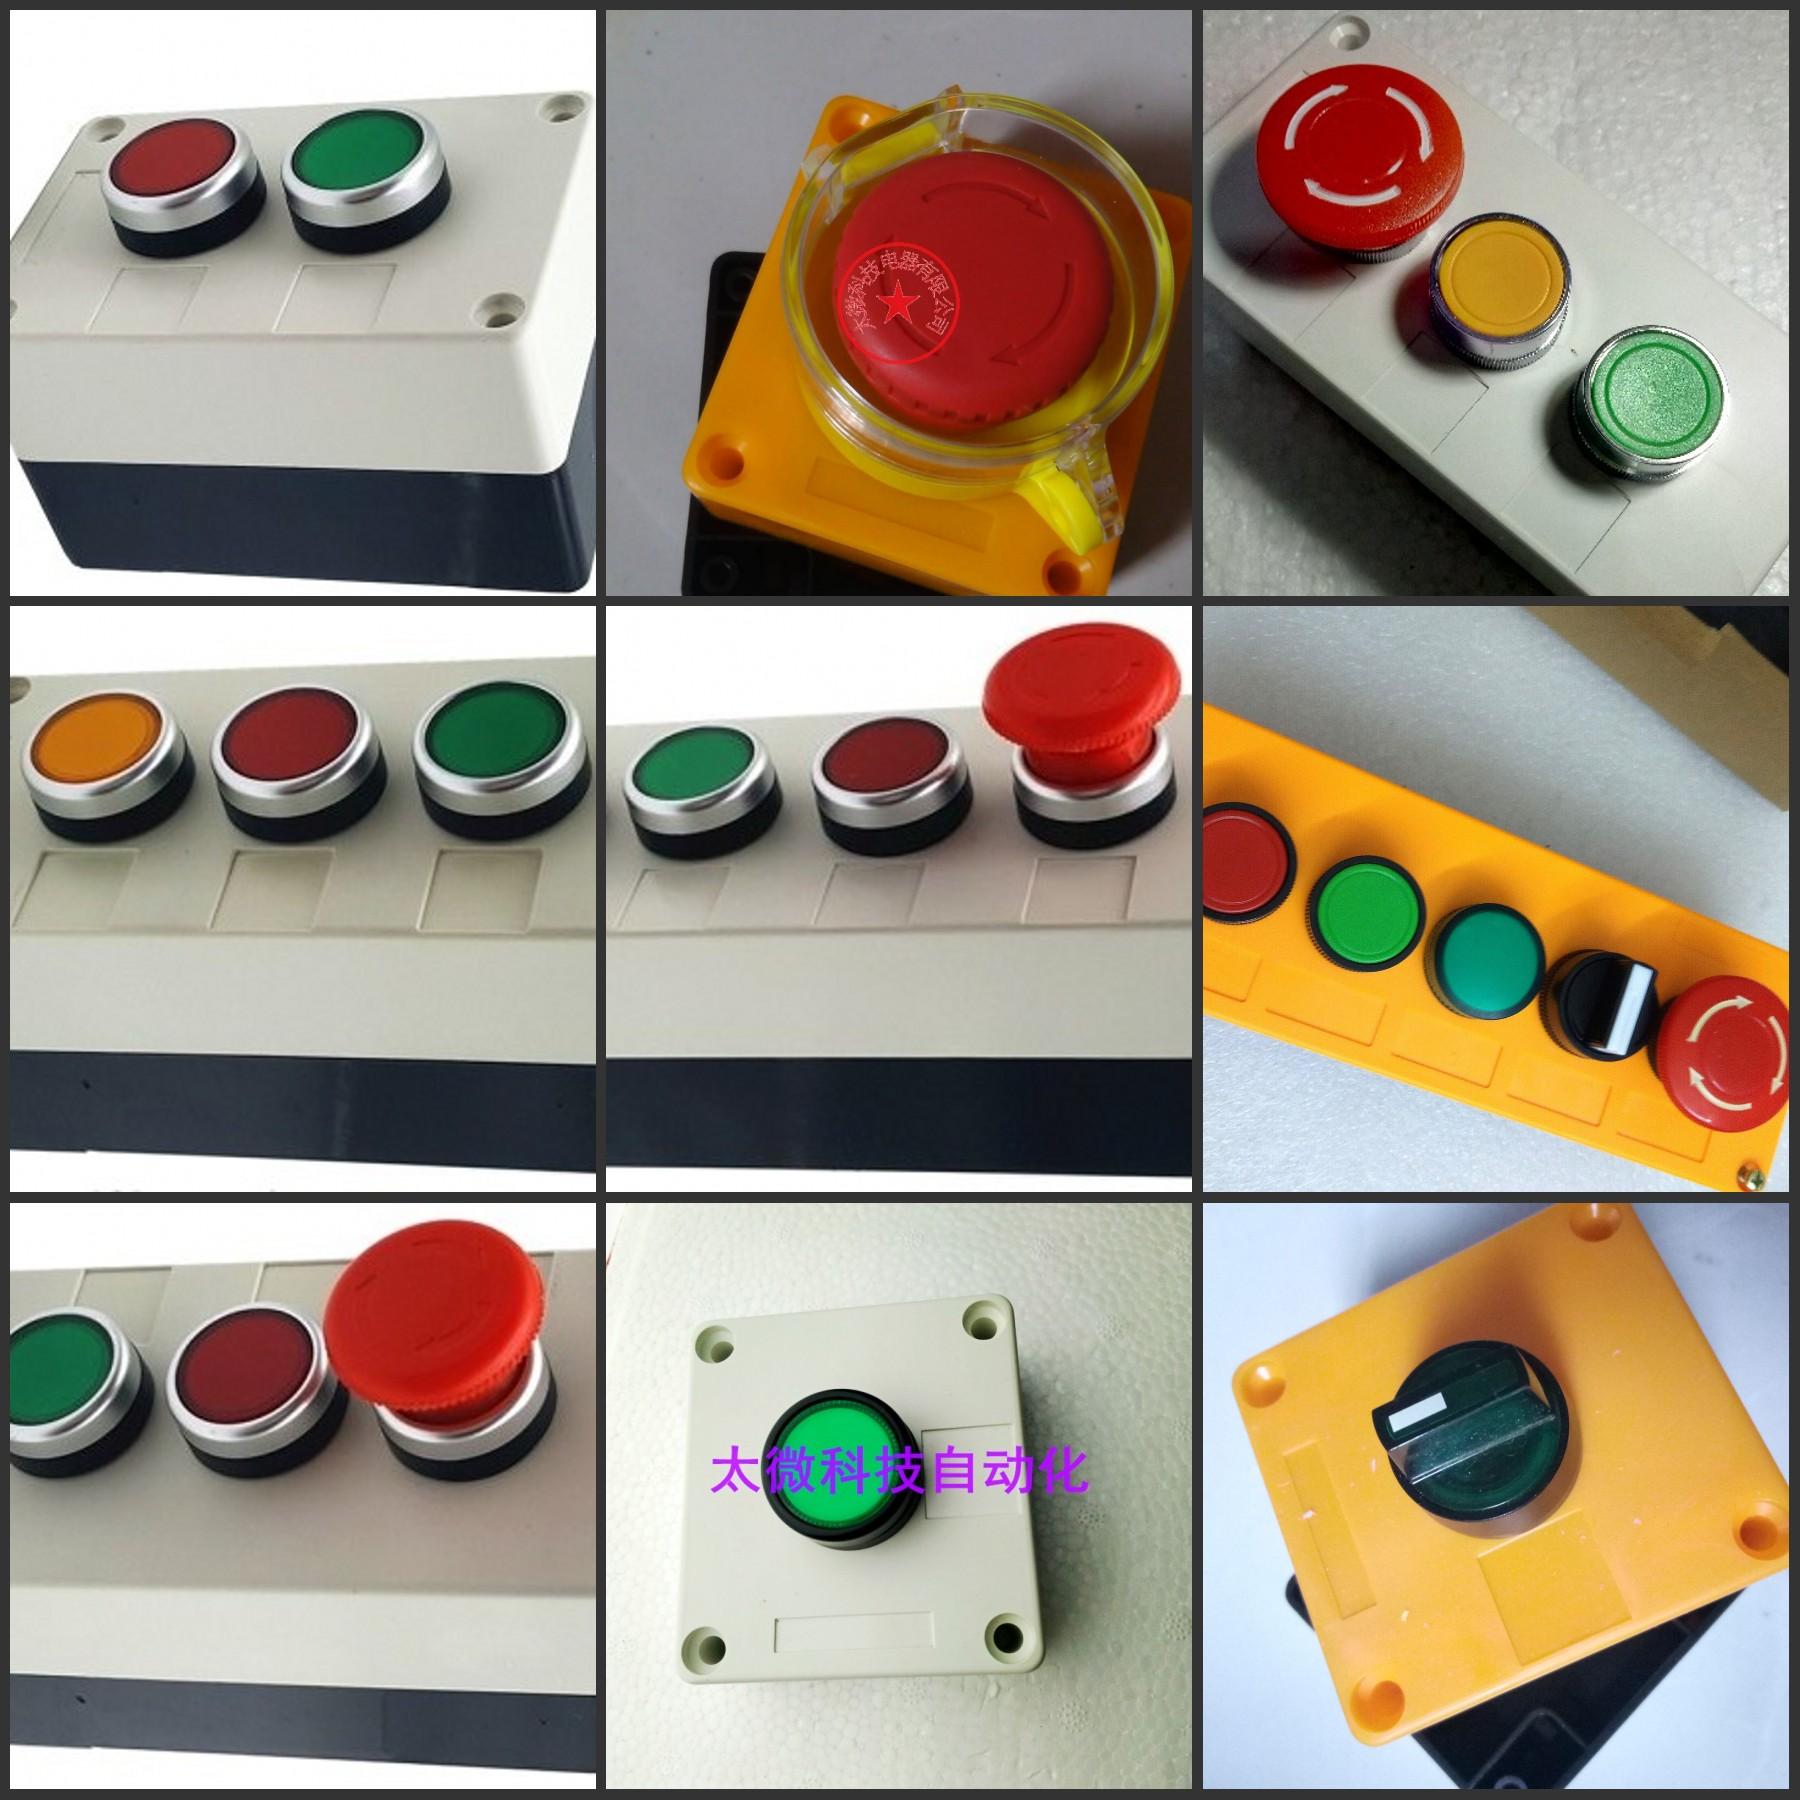 按钮开关控制盒 急停 启动 停止防水盒指示灯电气控制盒12345--孔